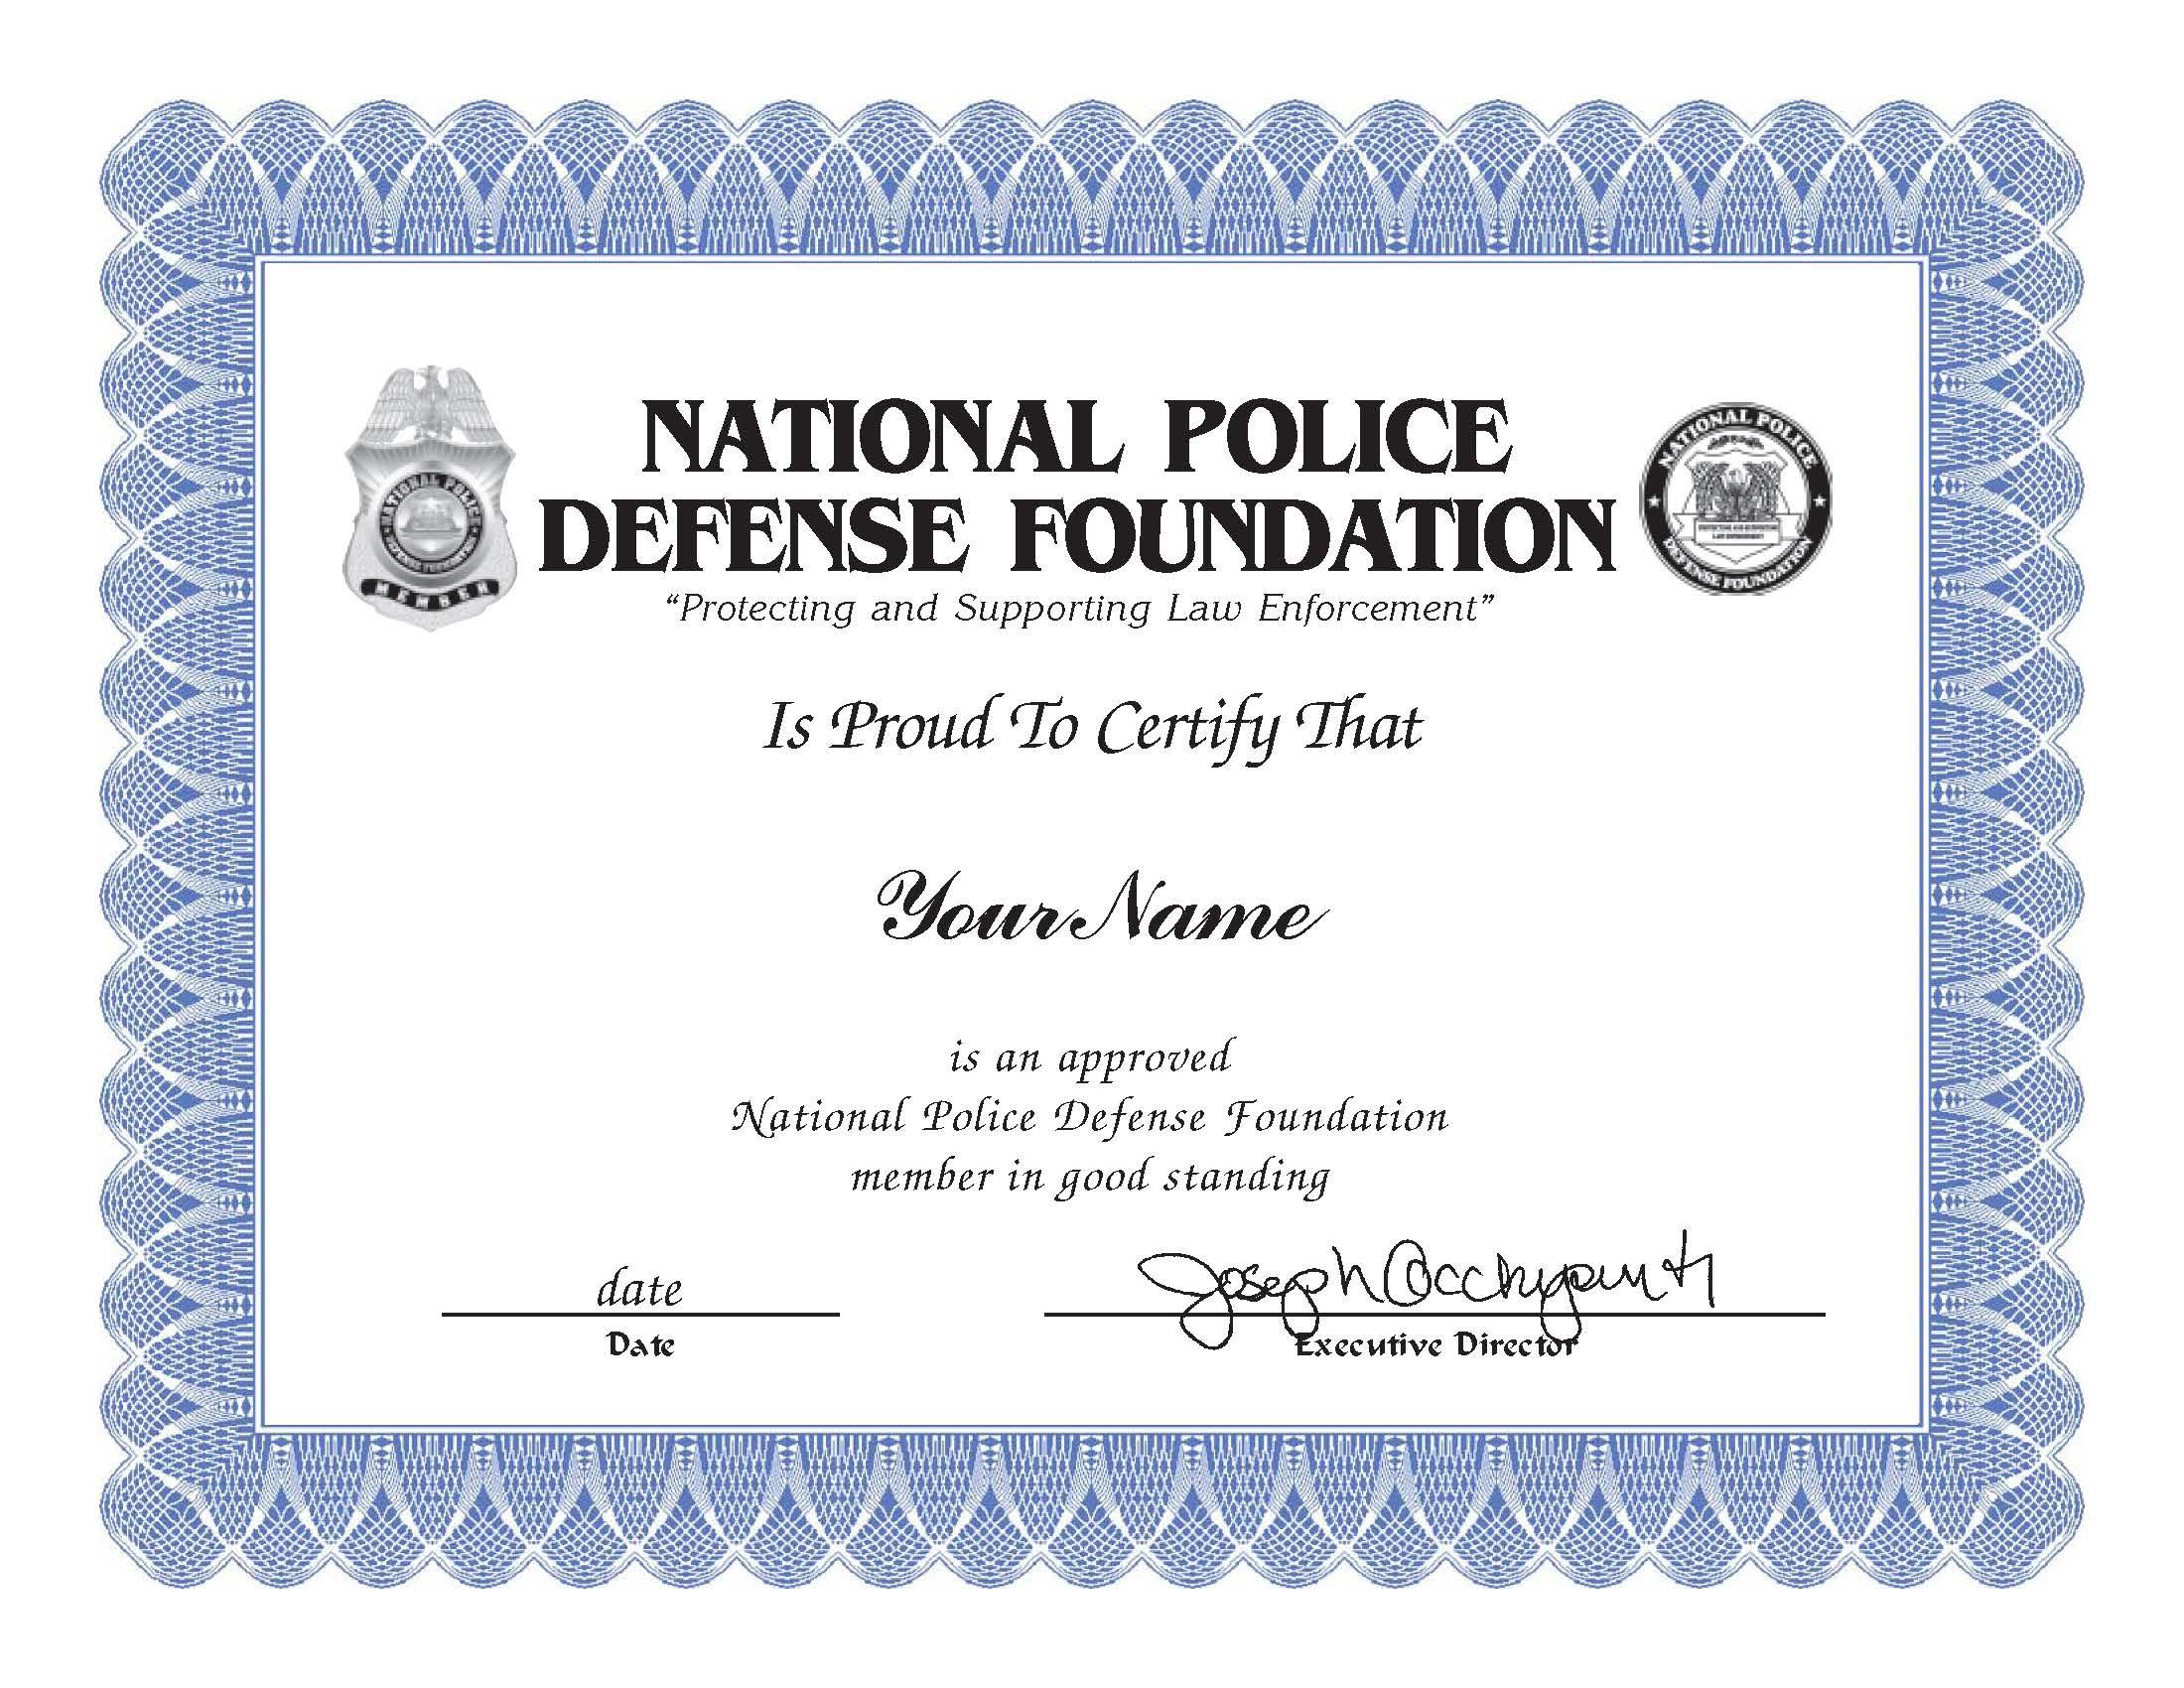 Member Certificate Image